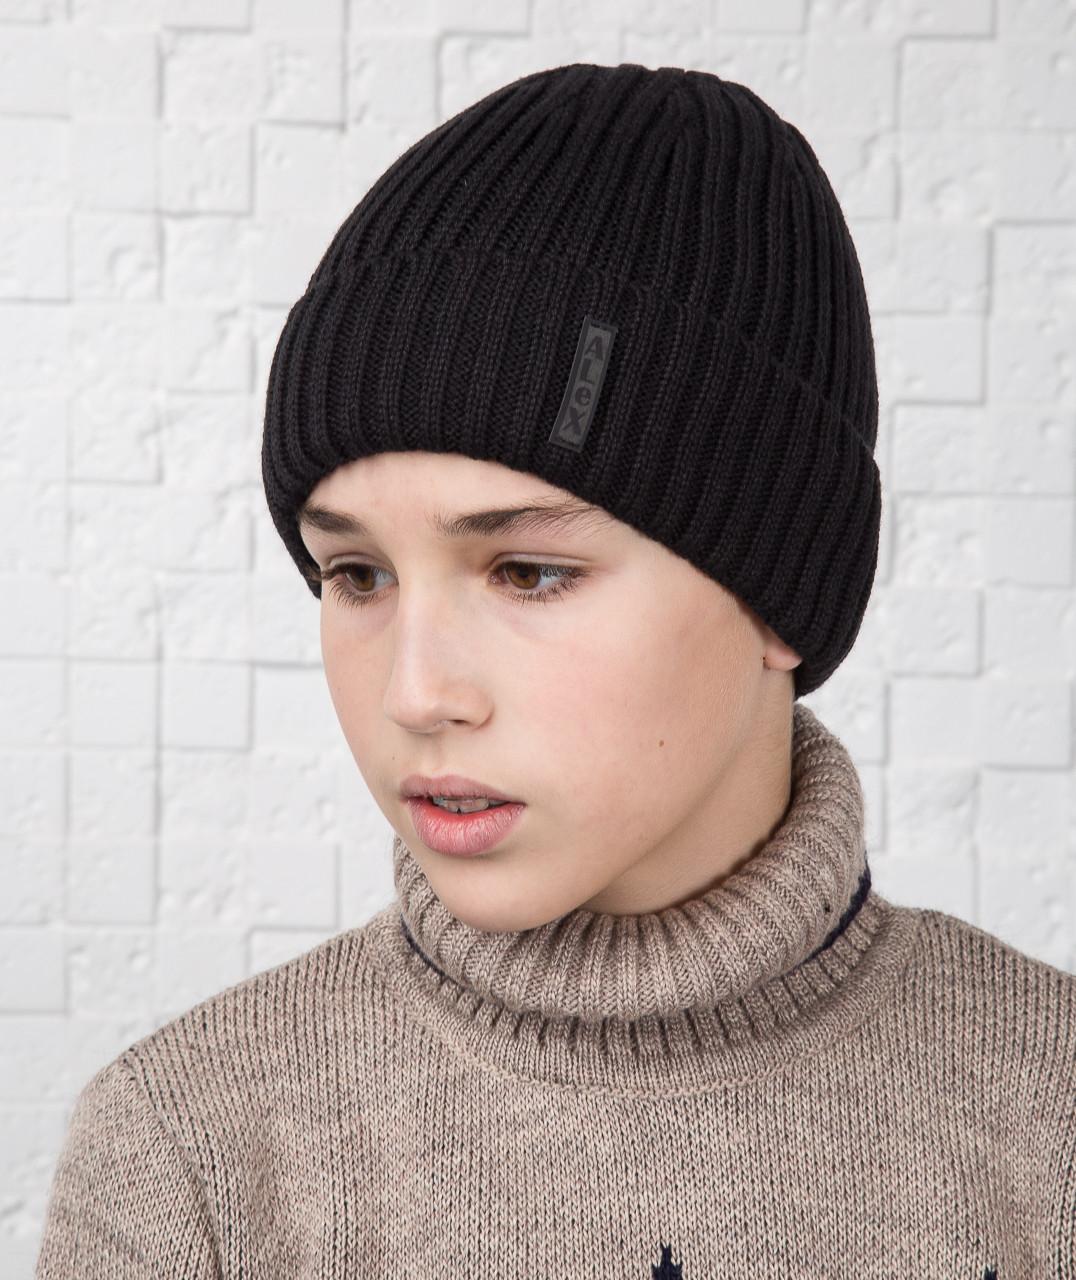 Зимняя вязаная шапка для мальчика подростка на флисе ALEX - Артикул AL17030